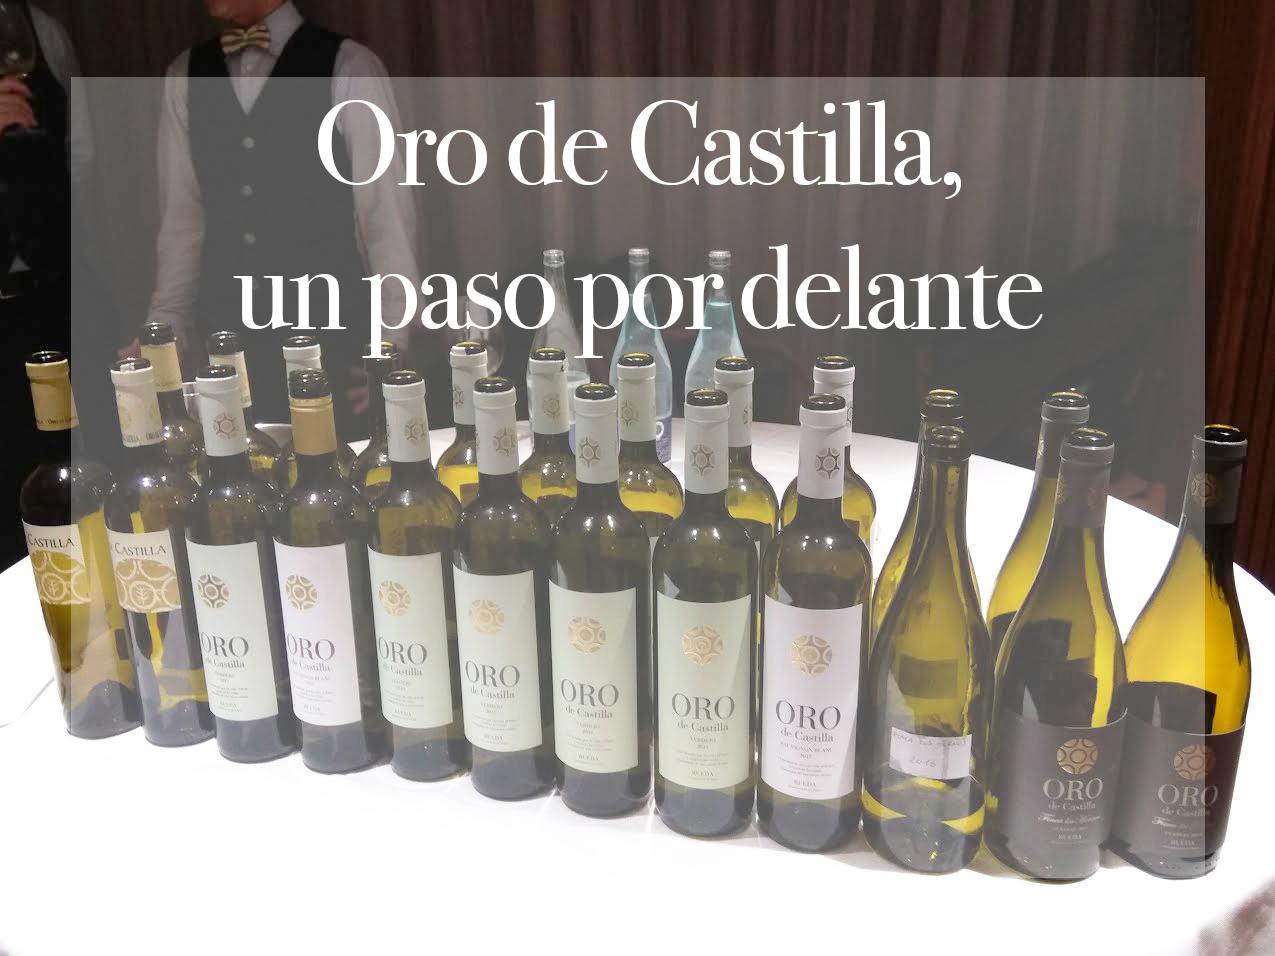 Oro de Castilla, un paso por delante